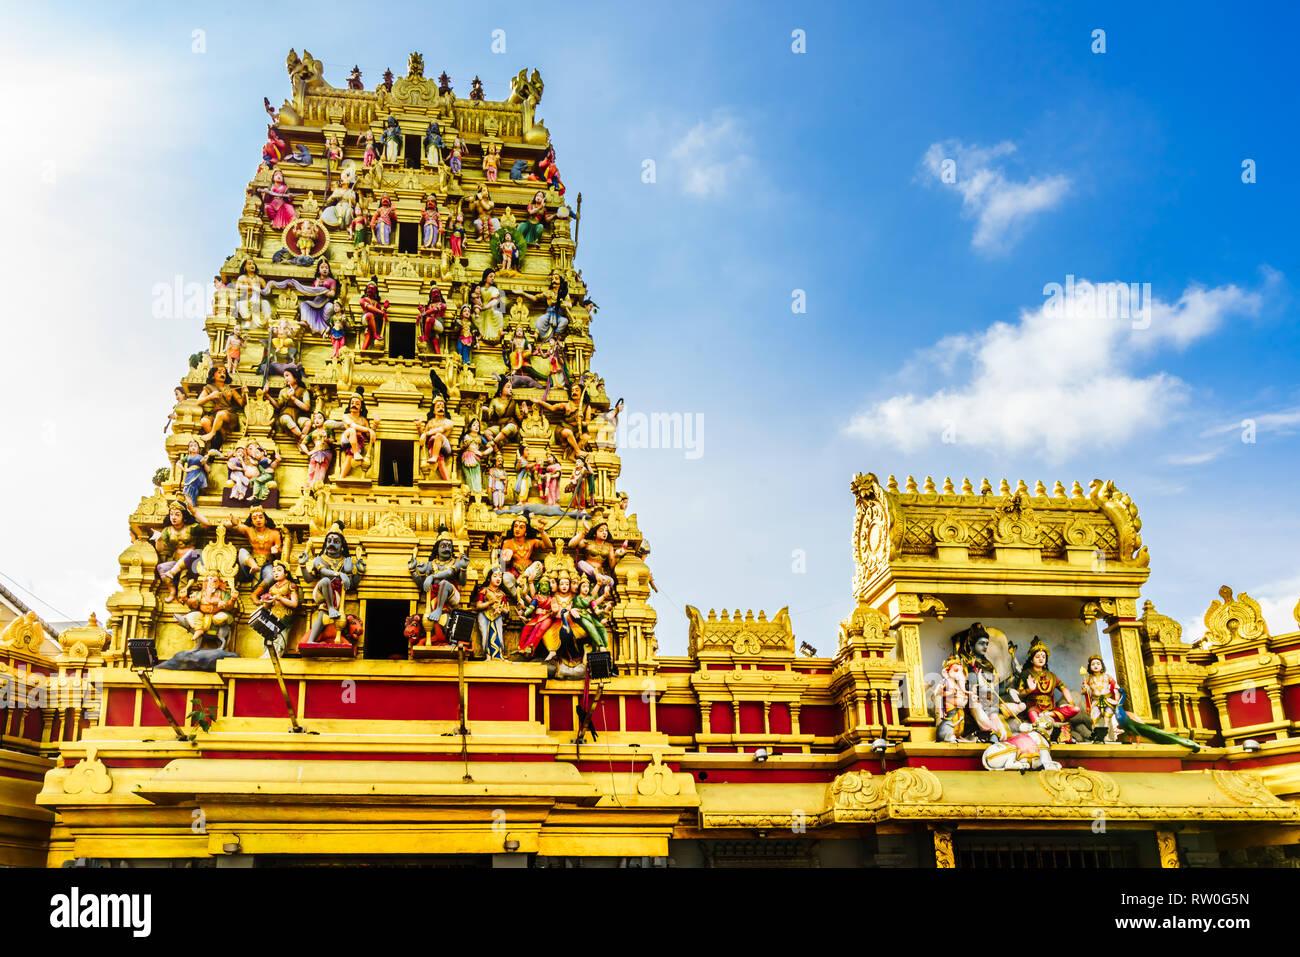 Ver el colorido Templo hindú en Colombo, Sri Lanka Foto de stock